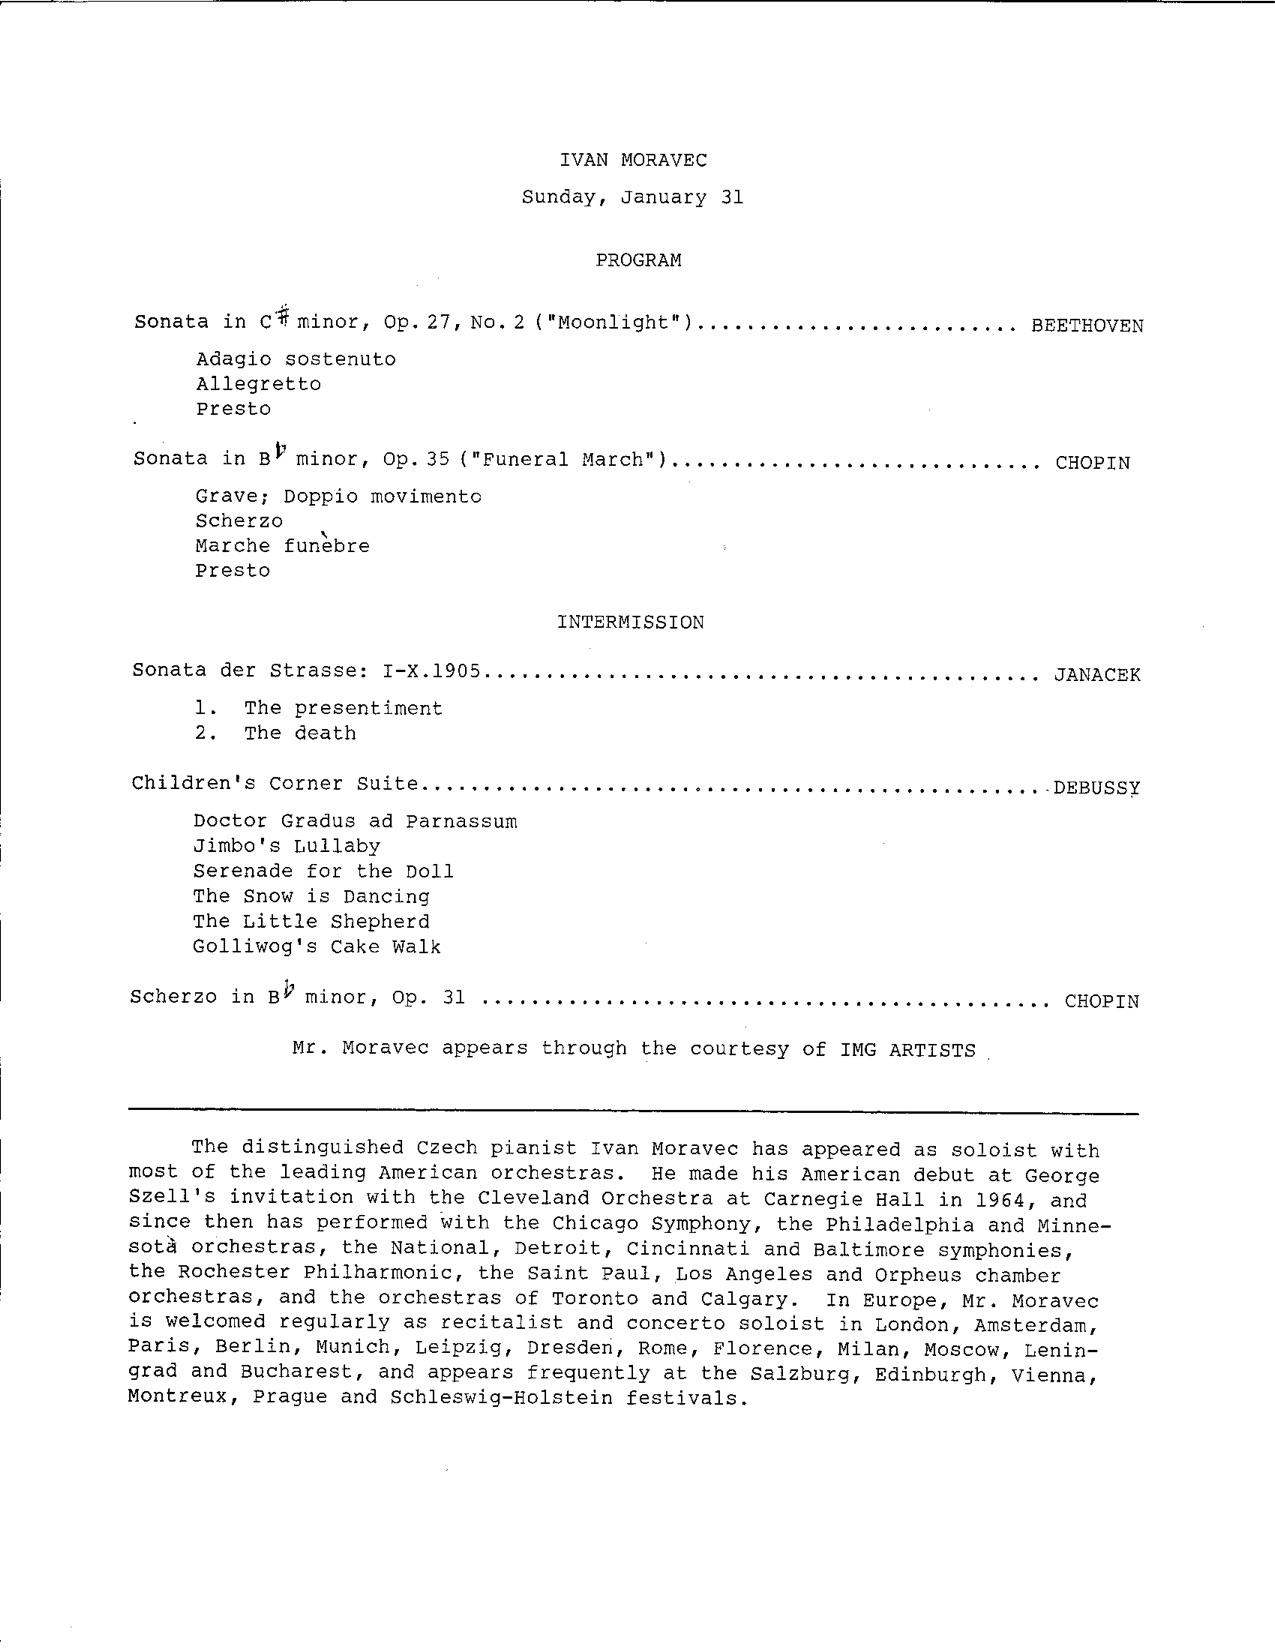 Moravec87-88_Program2.jpg